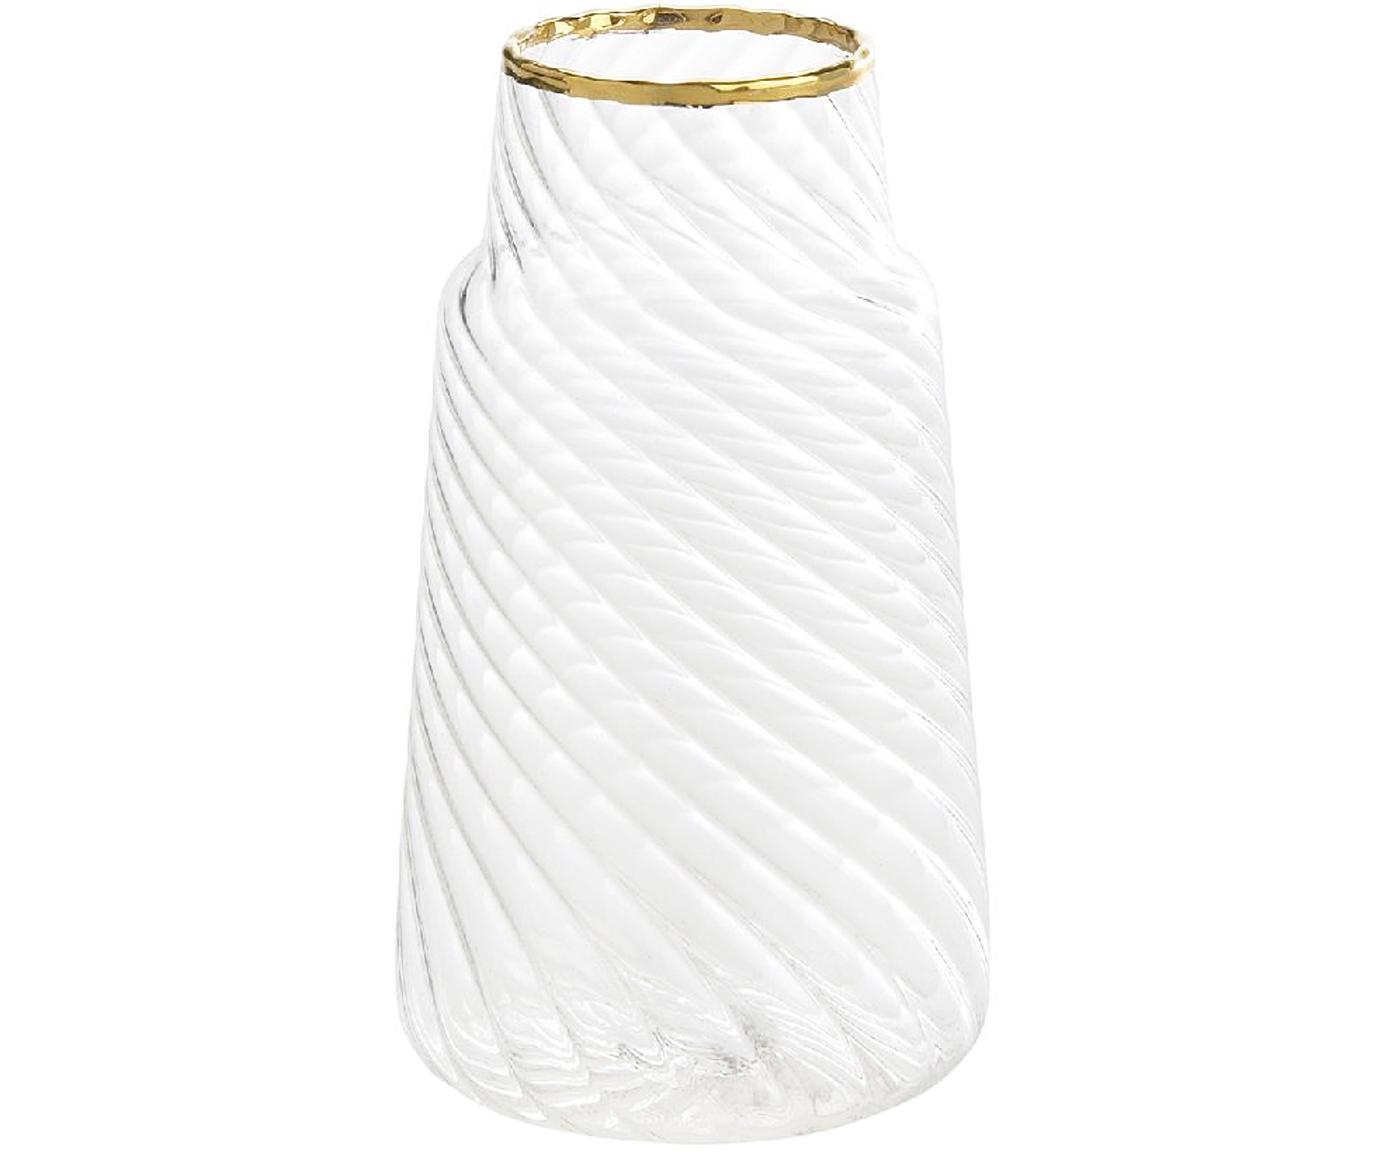 Mały wazon ze szkła Plunn, Szkło, Transparentny, odcienie złotego, Ø 6 x W 11 cm